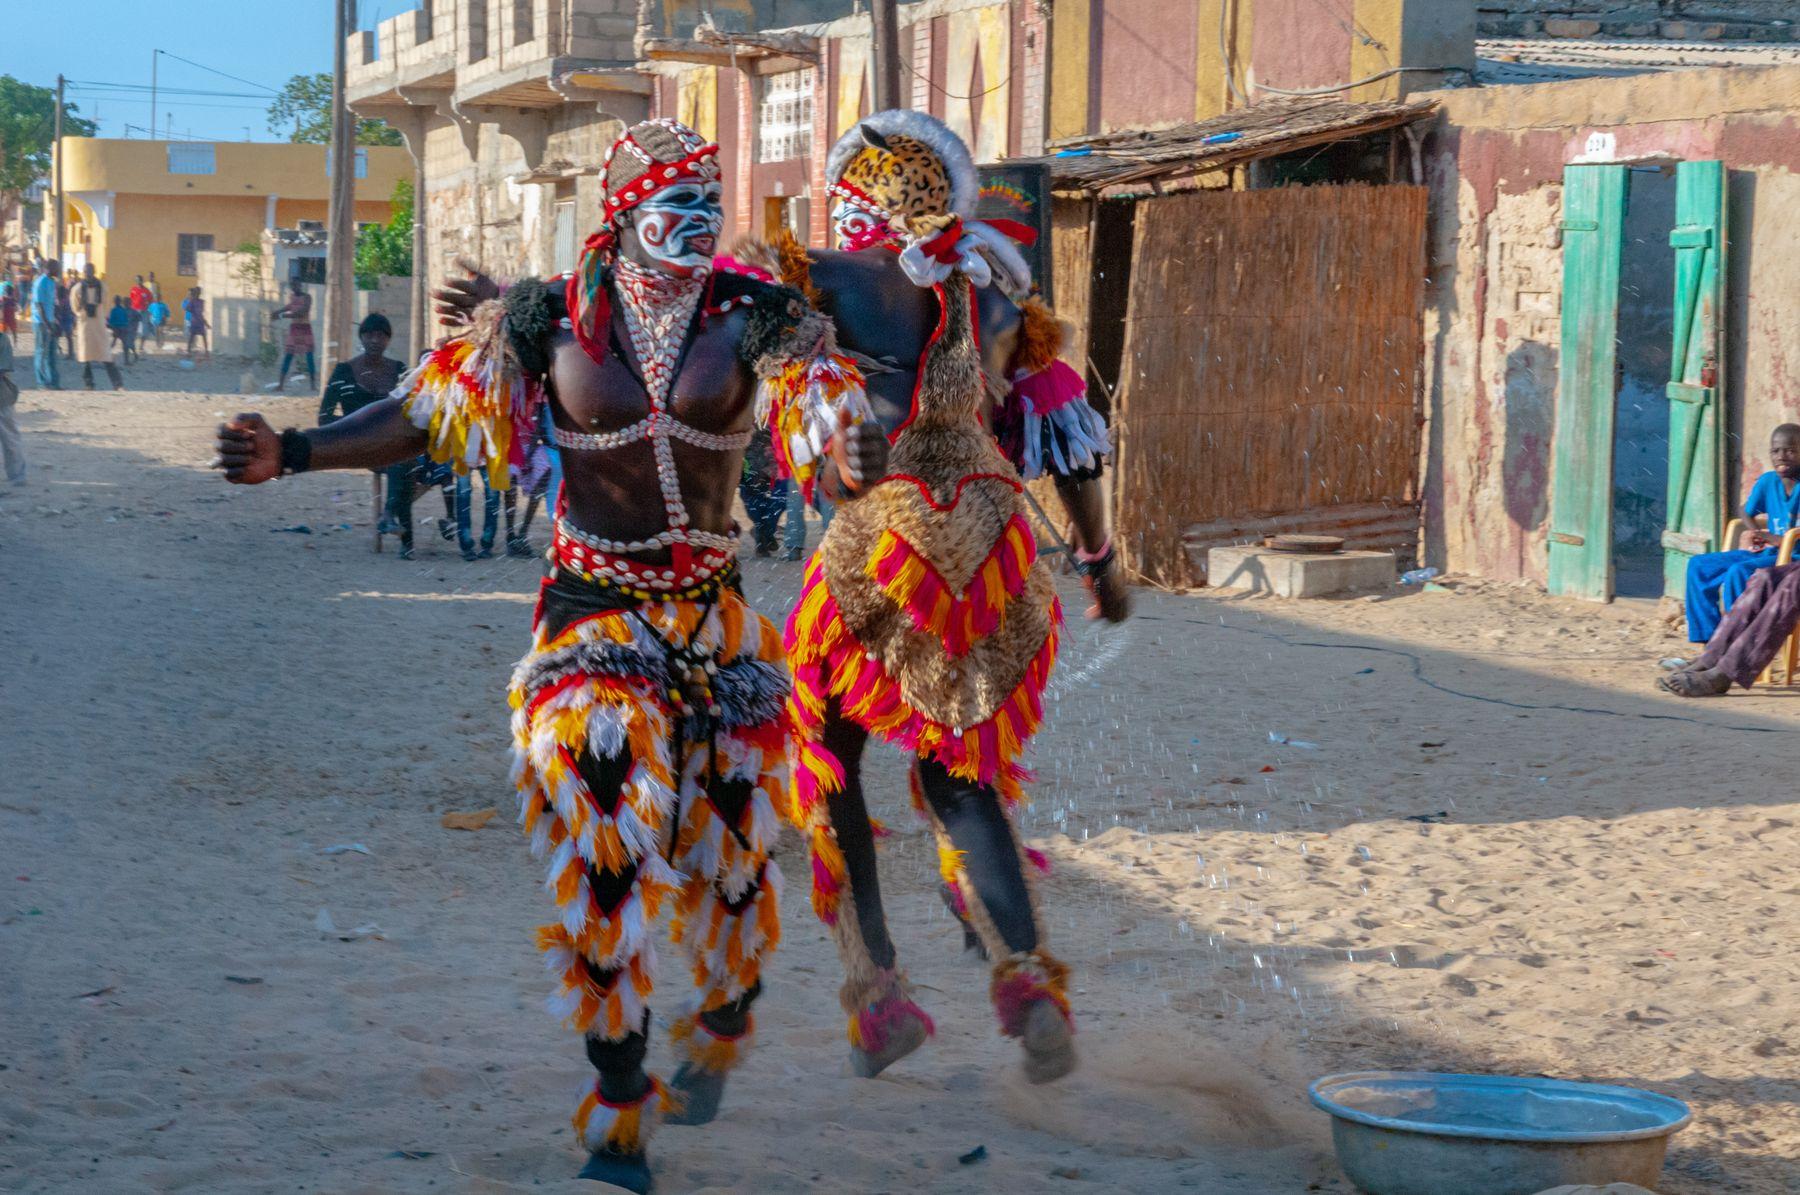 MichelAycaguer-LeSimb-LeFauxLion-SaintLouis-Senegal-28